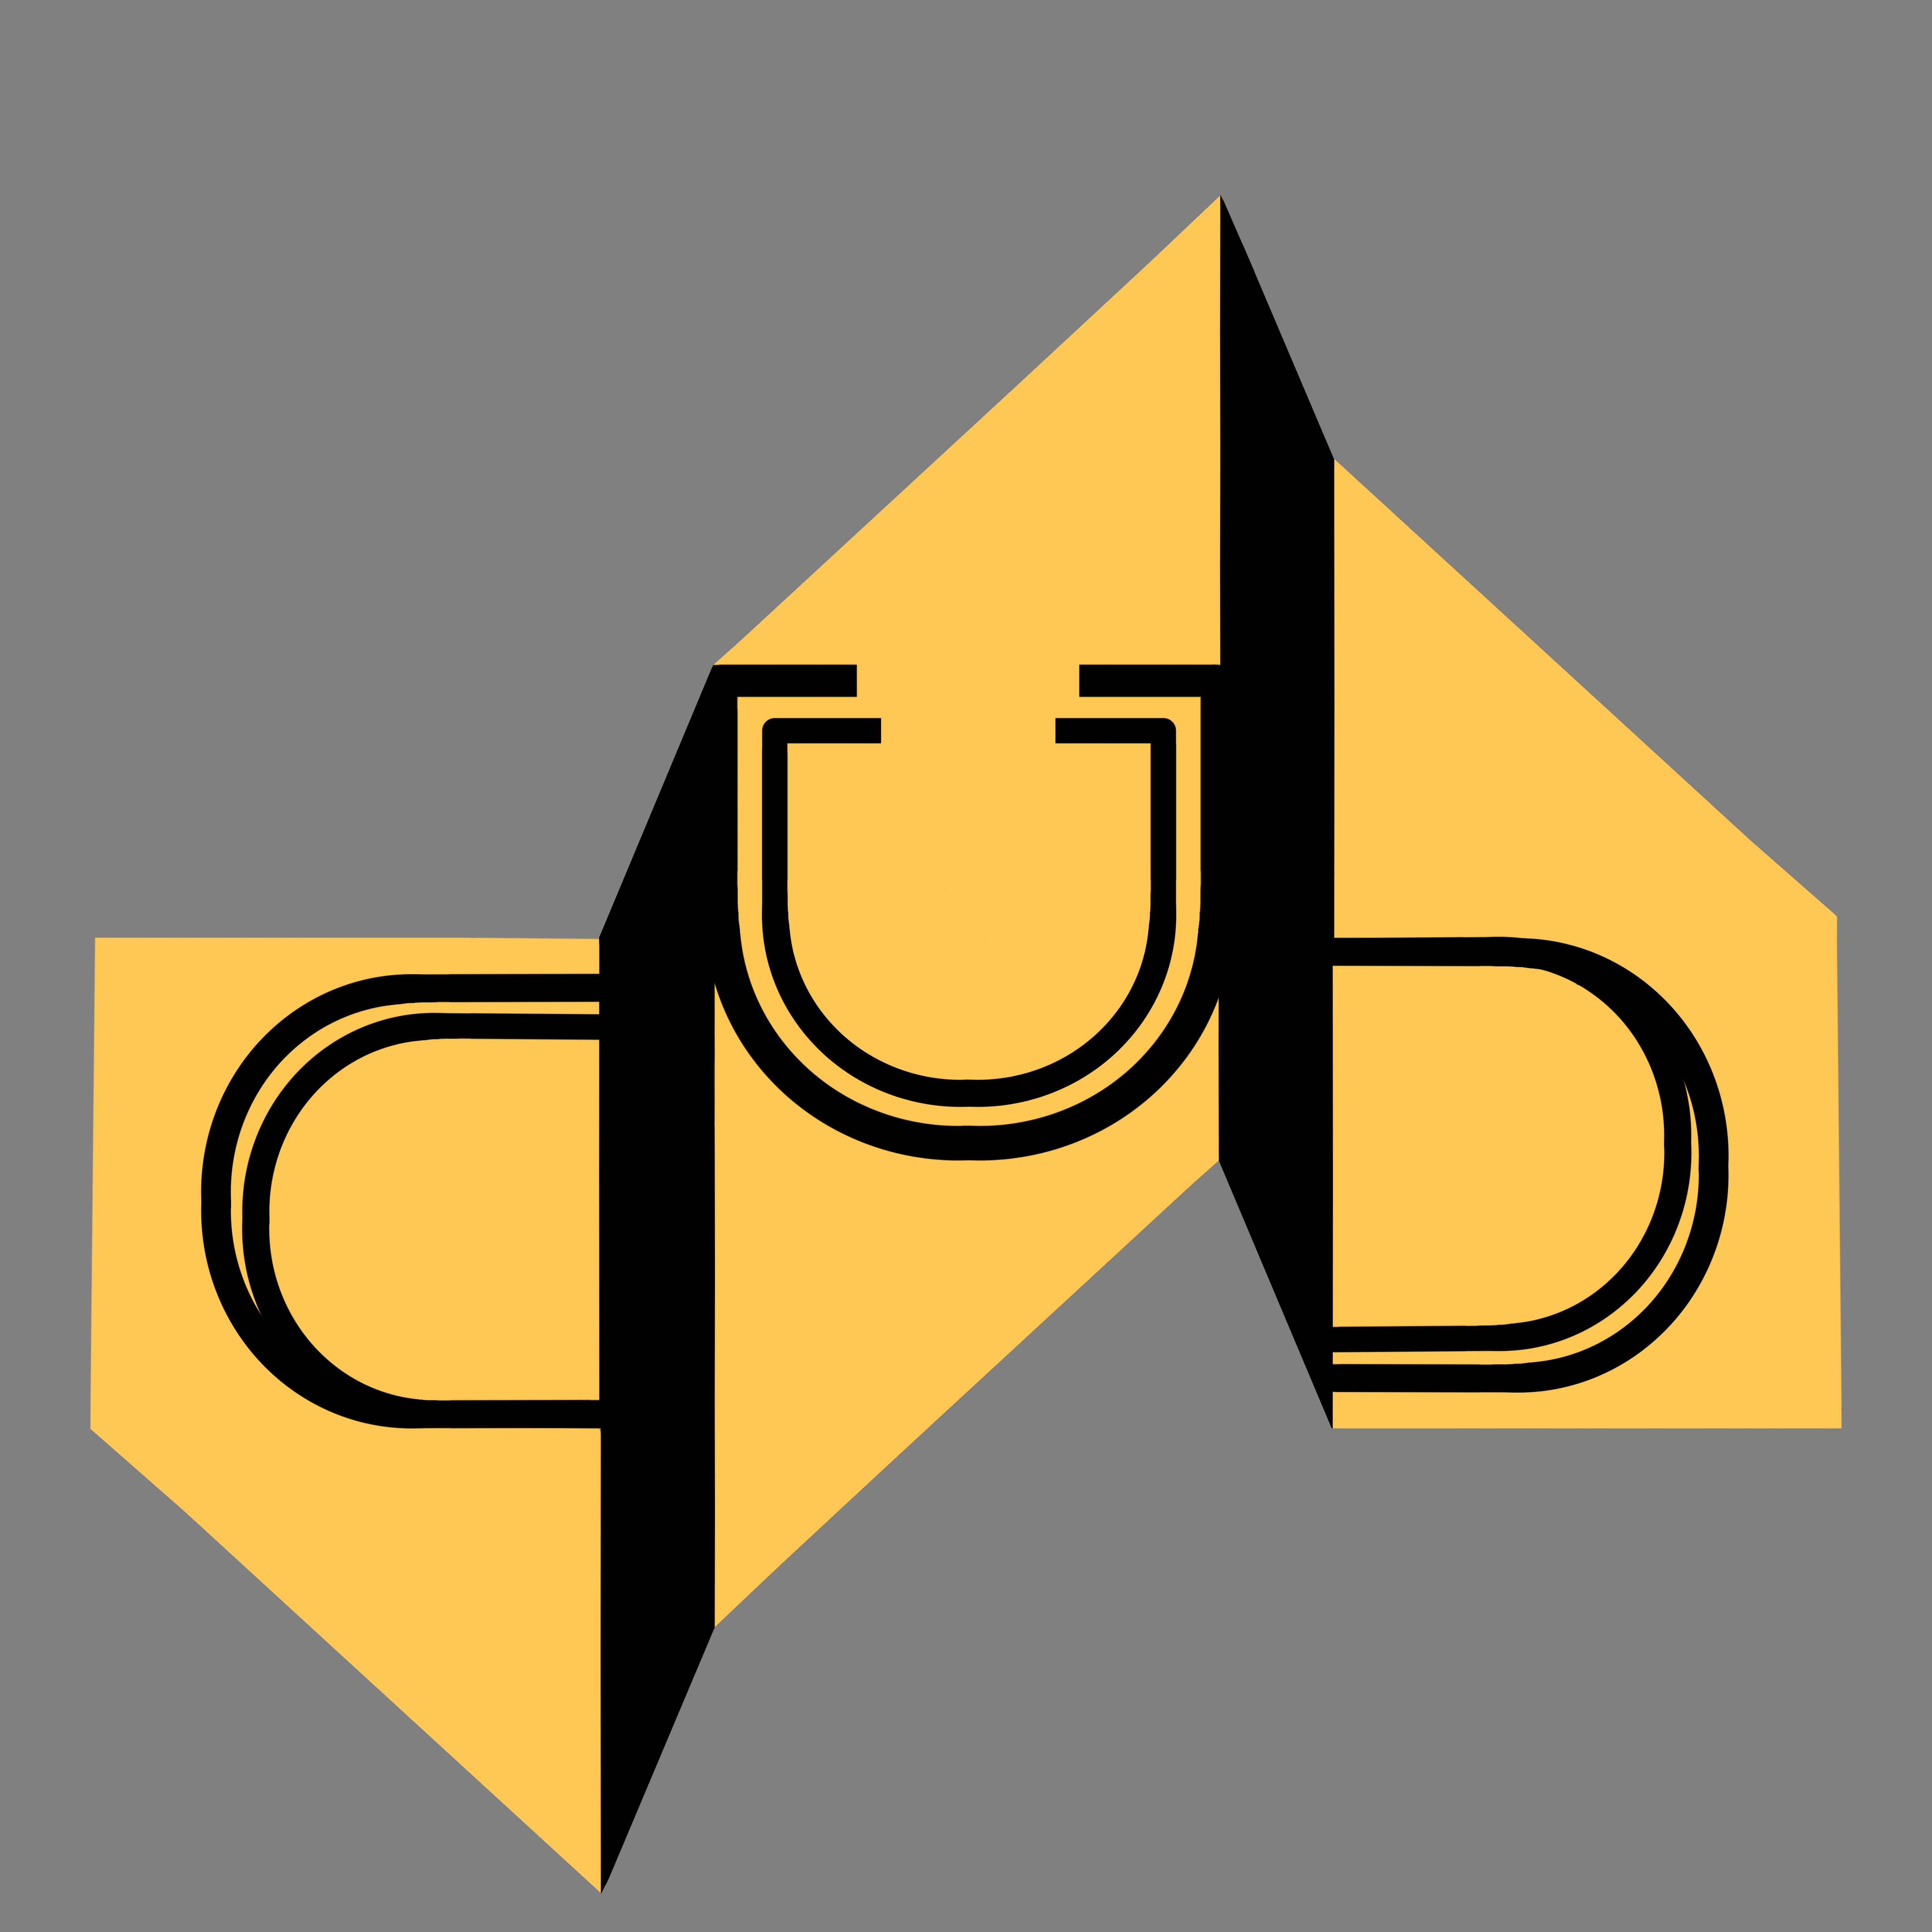 Разработка логотипа и фирменного стиля для ТМ фото f_0855f2129ff9c0ec.png